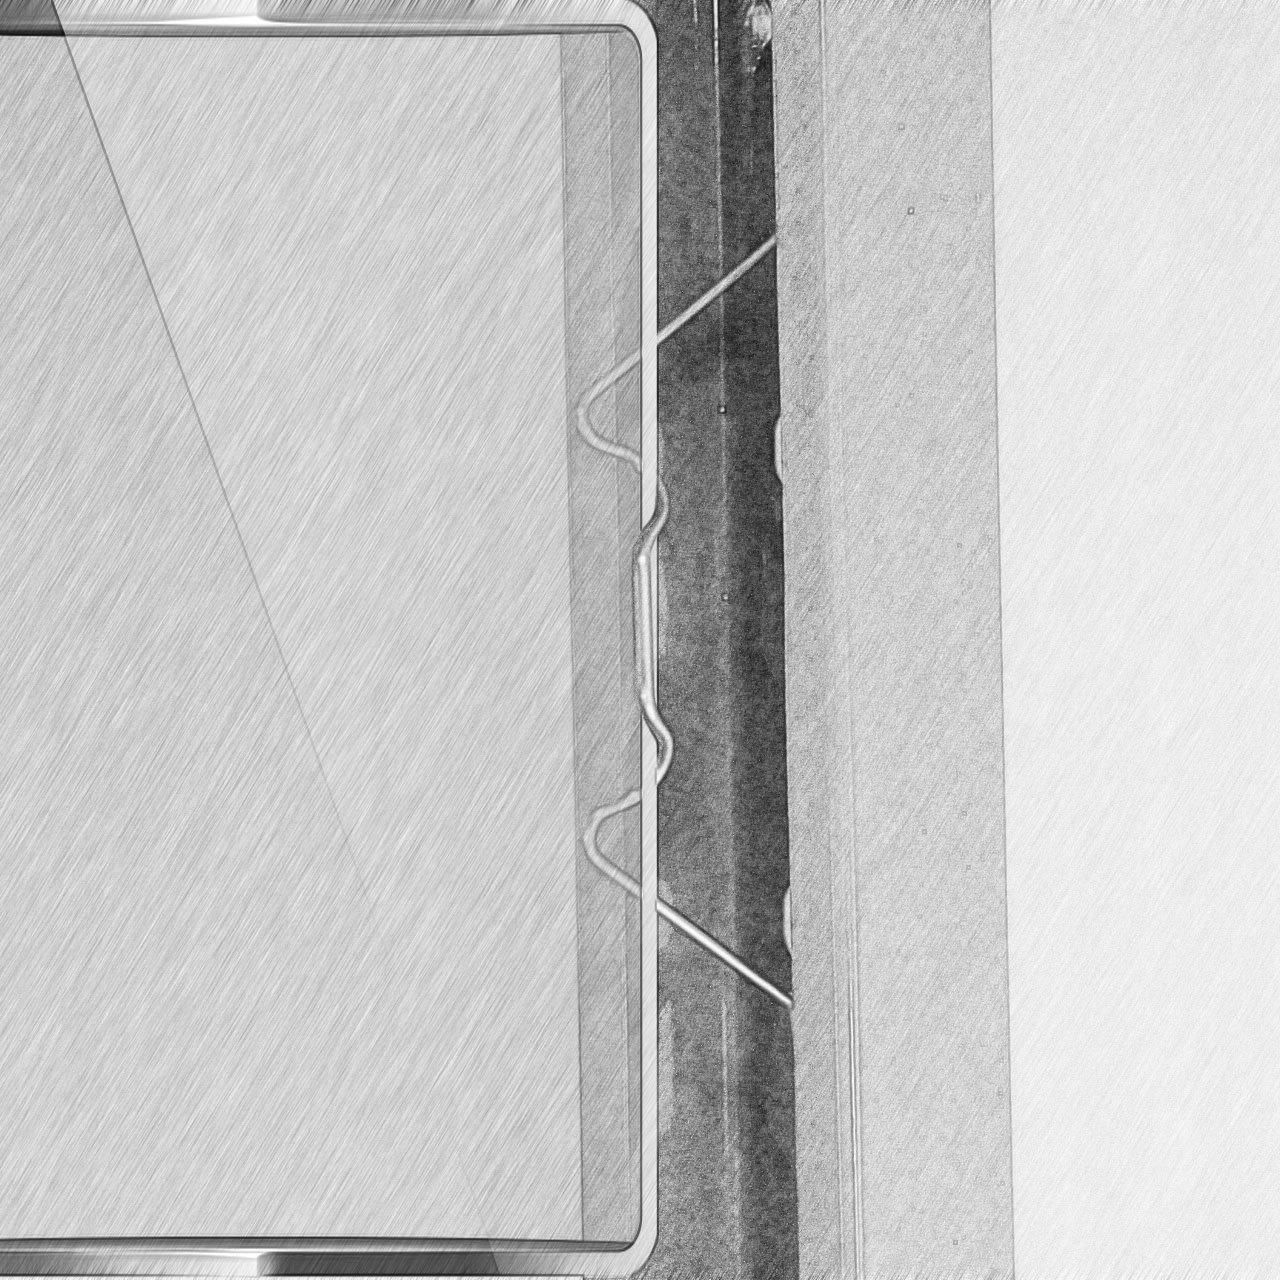 KEAYOO 100 Pezzi Acciaio Inossidabile W Tipo 1.6mm di Spessore Morsetto di Vetro Serra